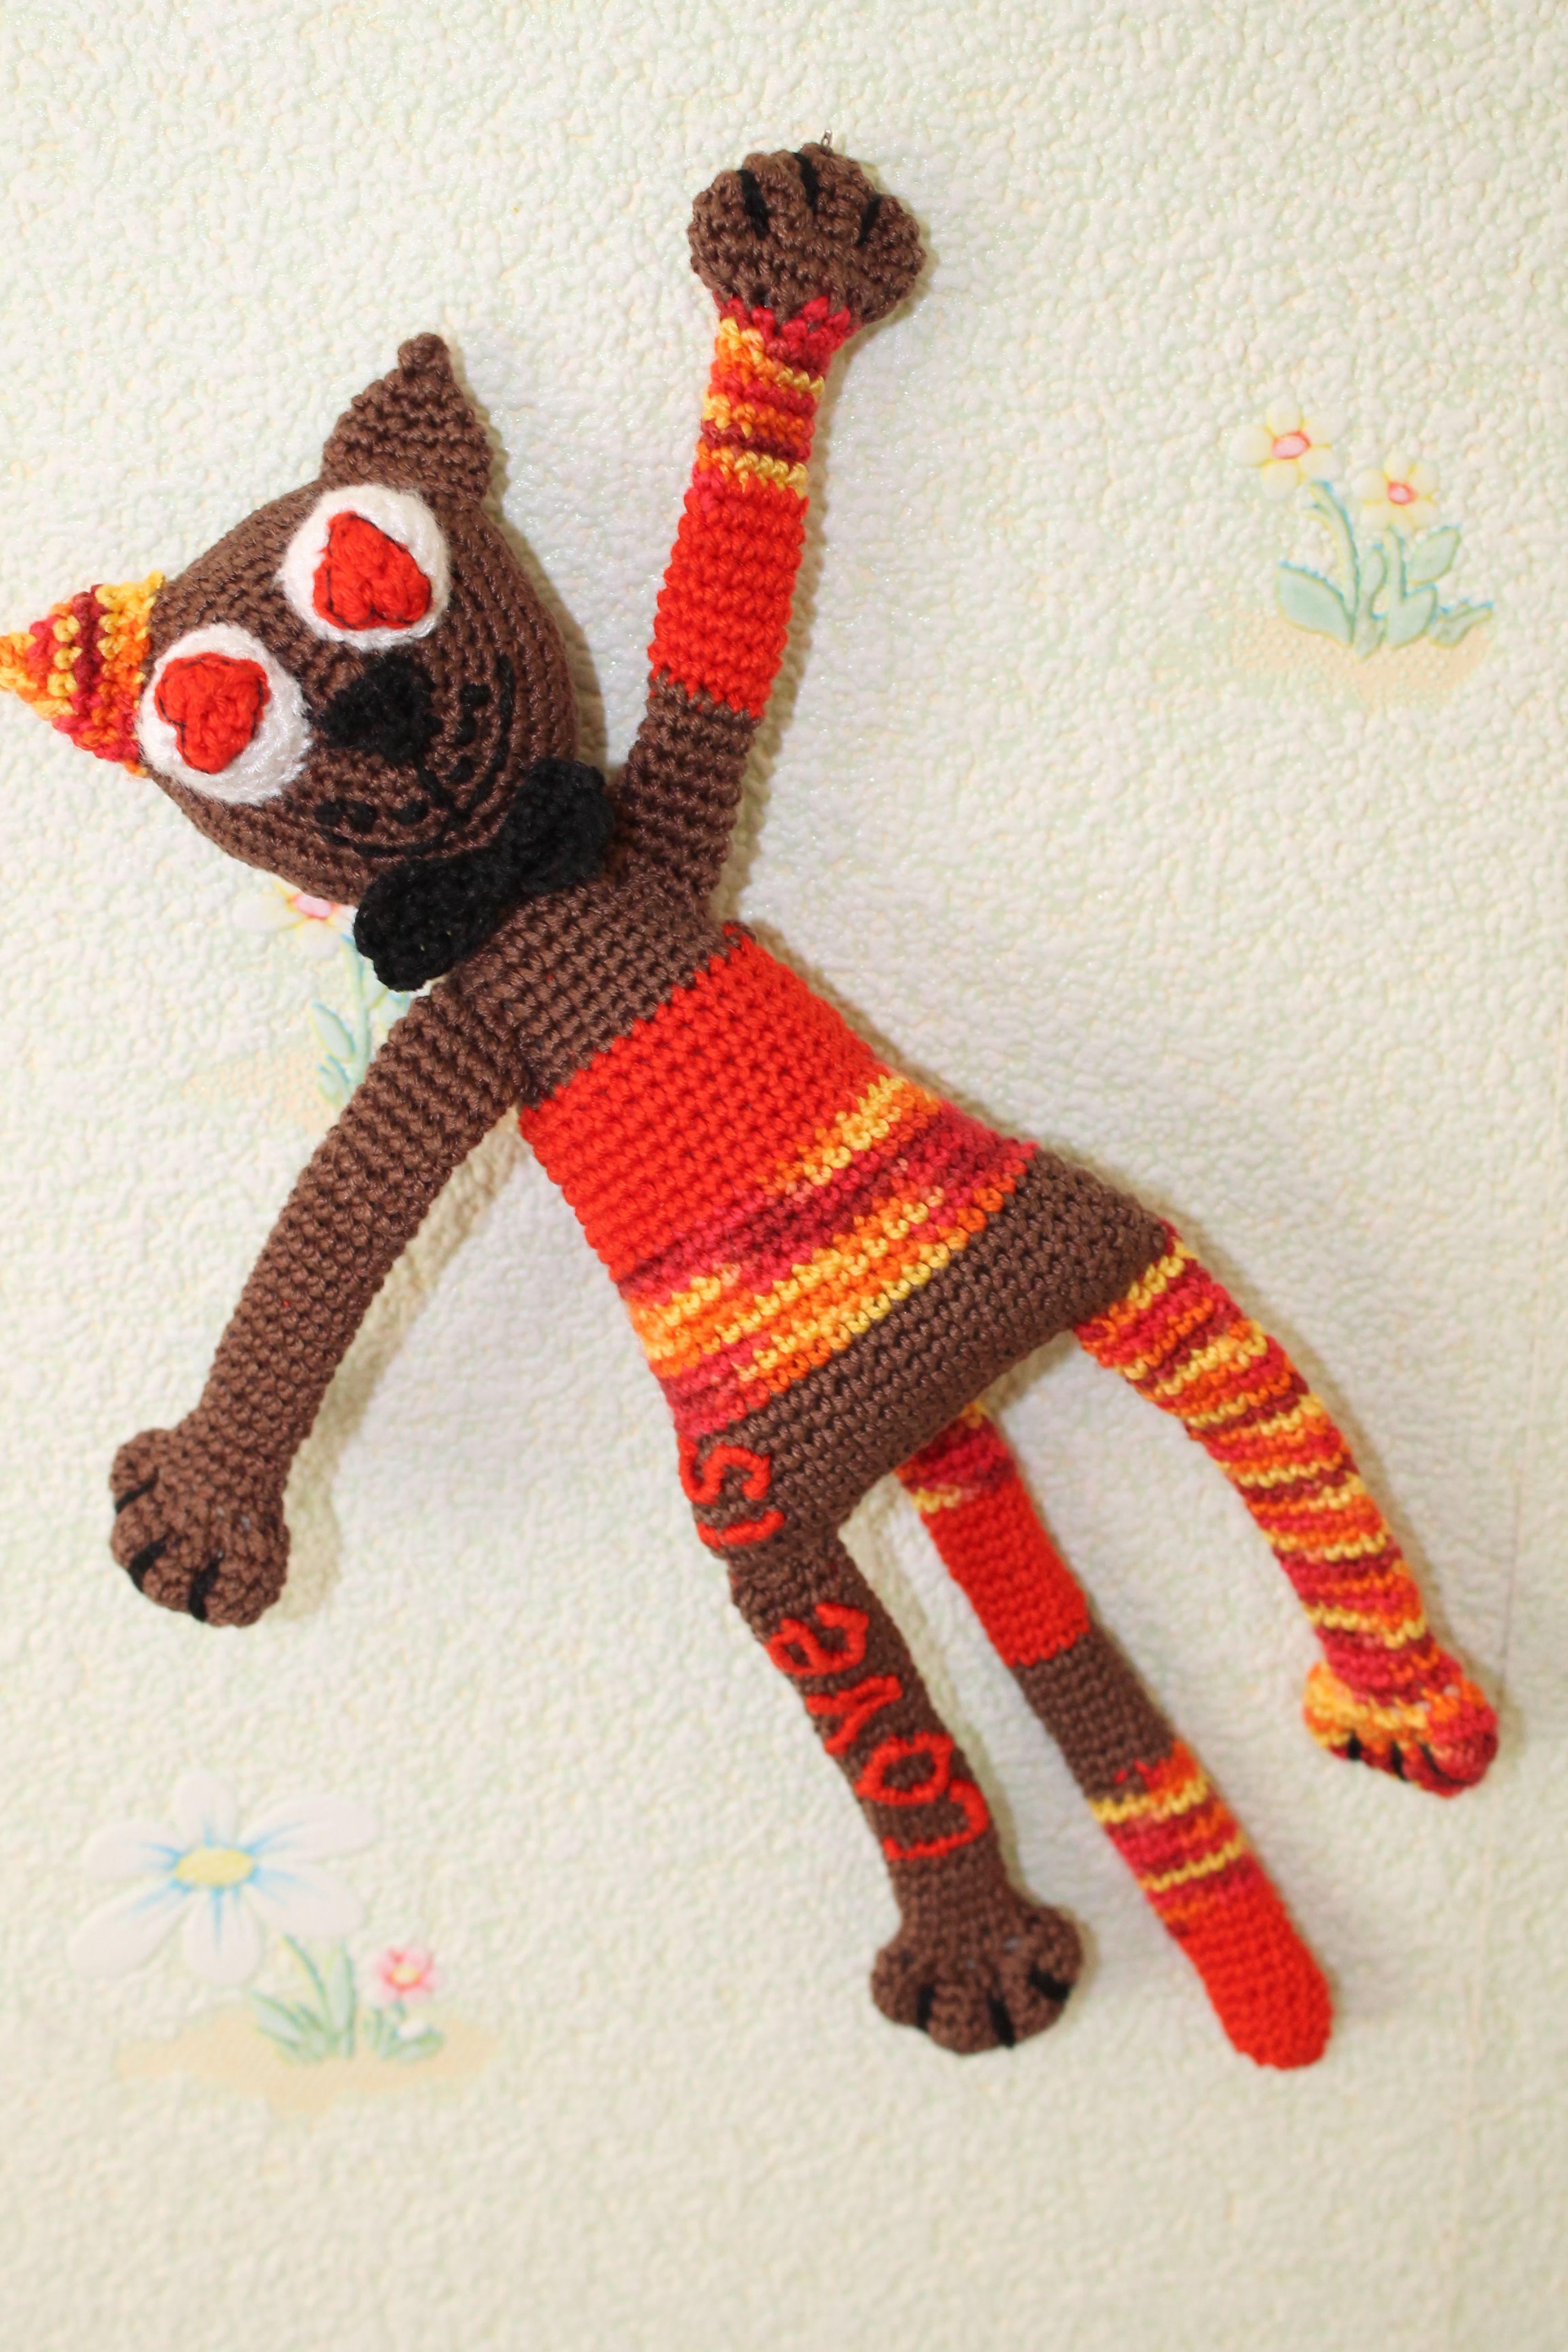 ручнаяработа котик котэ влюбленныйкотразвивающаяигрушка подаркикпраздникам подаркиручнойработы сувенир вязанаяигрушка кот